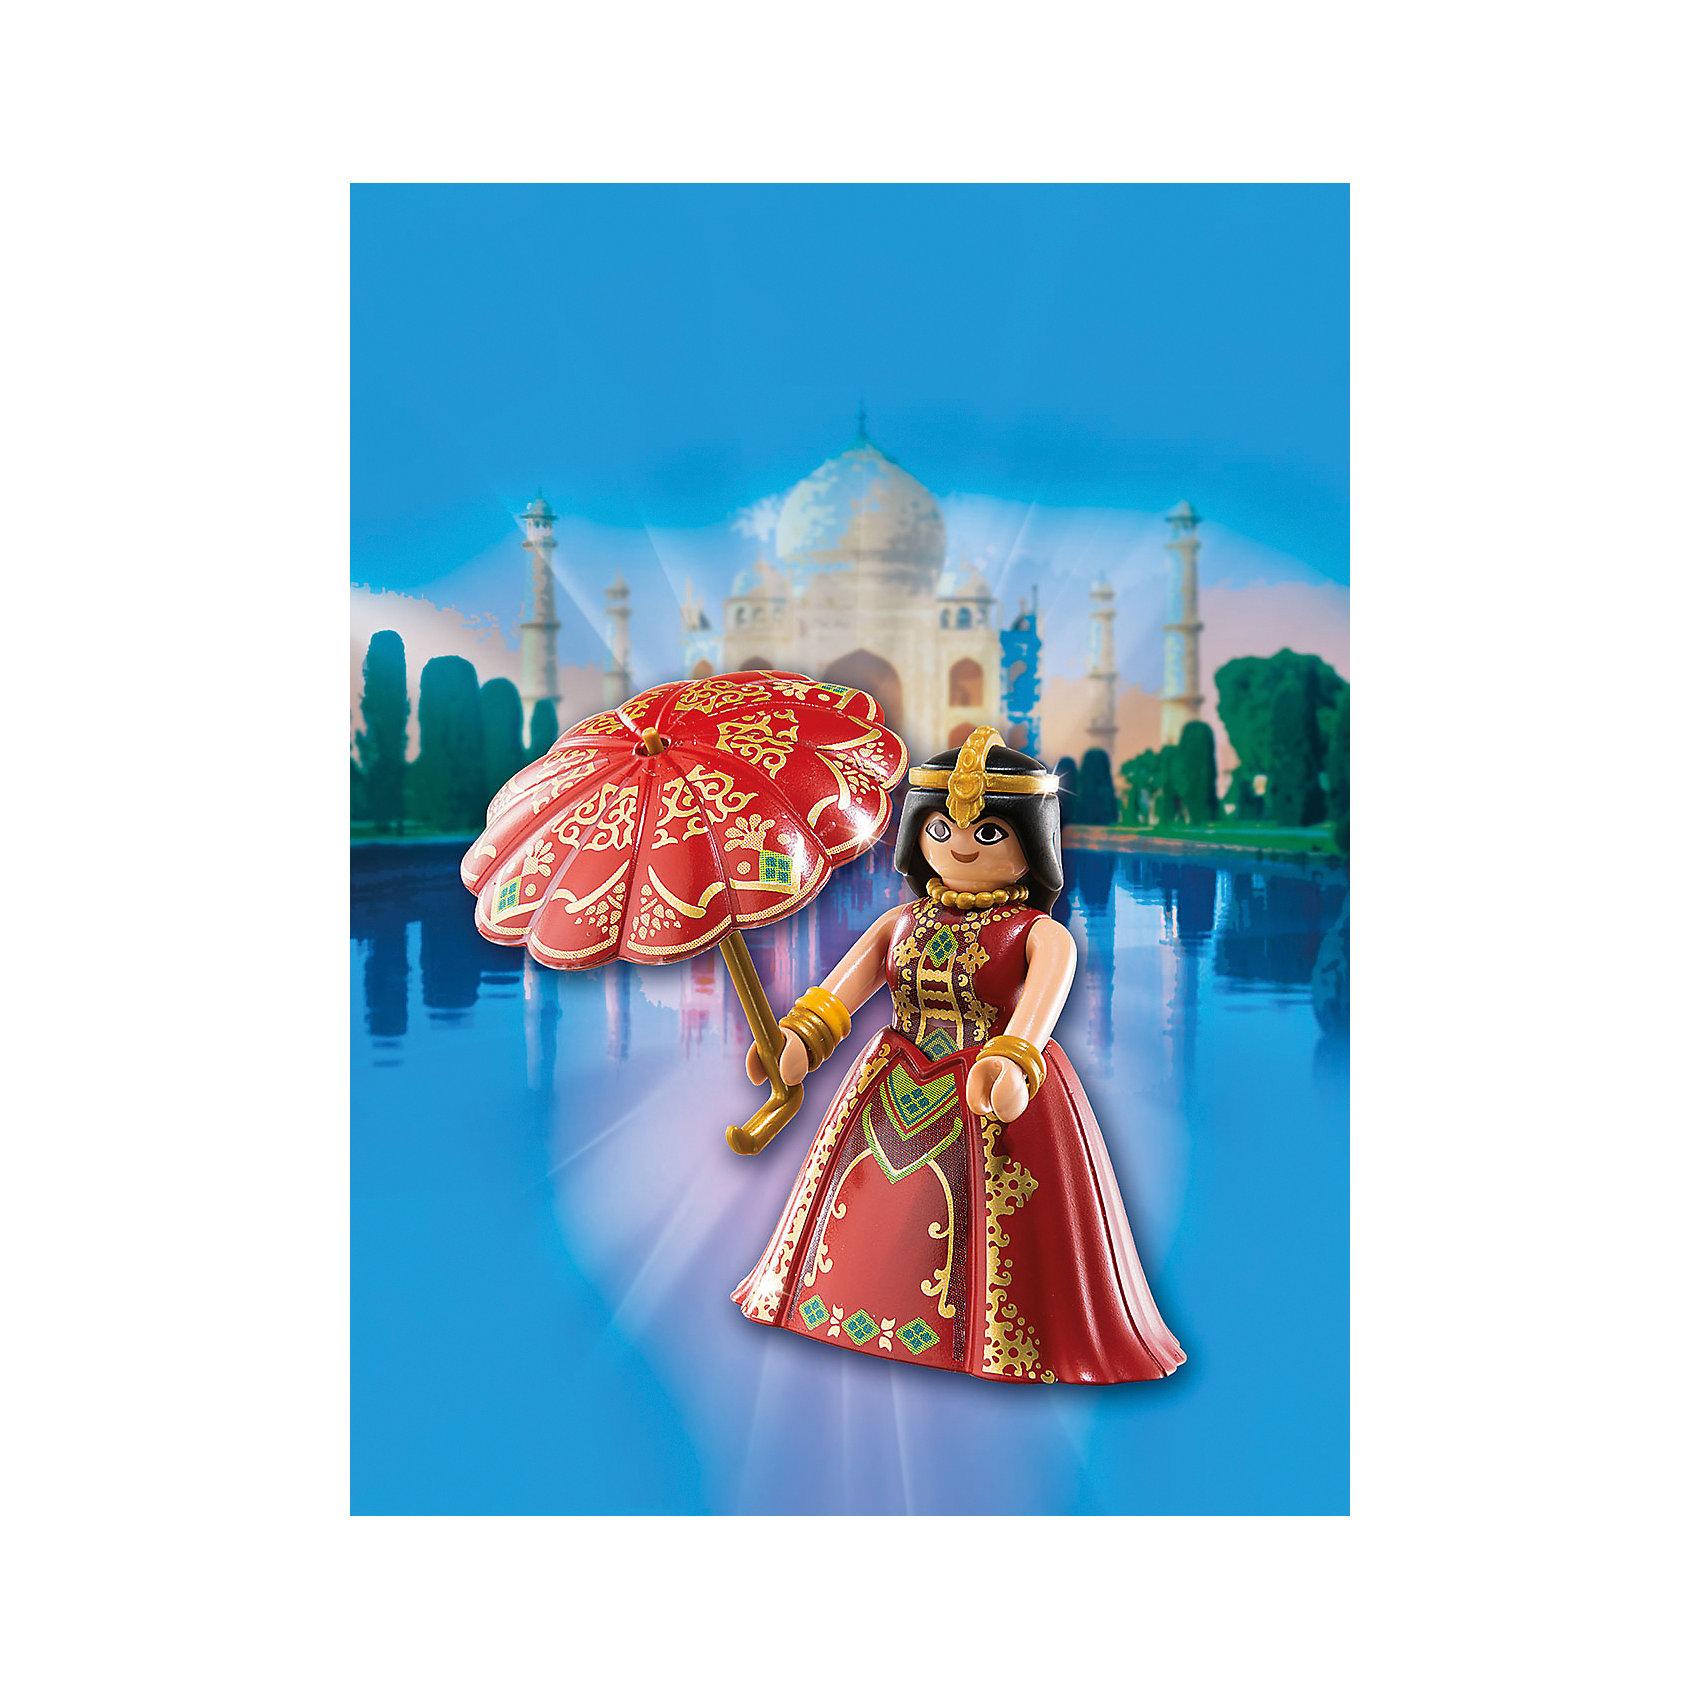 PLAYMOBIL® Друзья: Индийская принцесса, PLAYMOBIL индийская хна аша купить в владивостоке